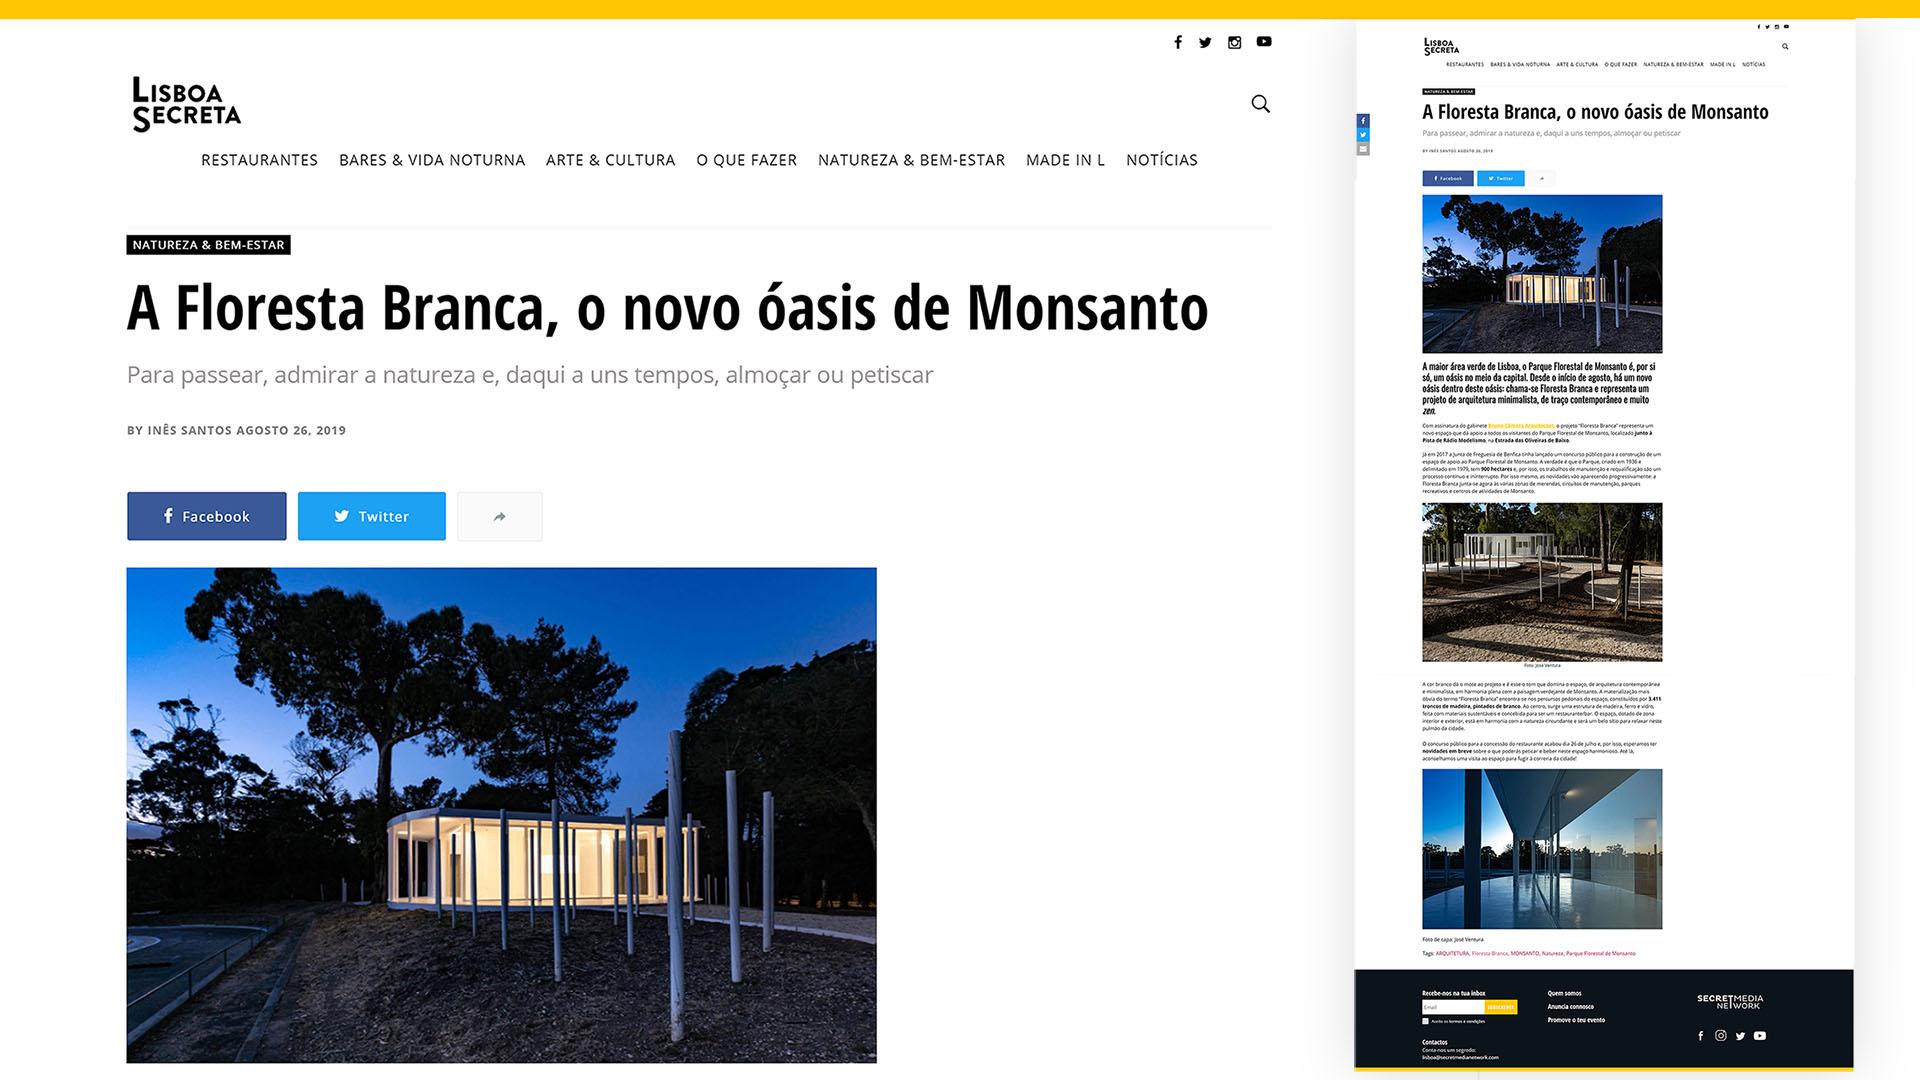 Obra em Lisboa, Monsanto